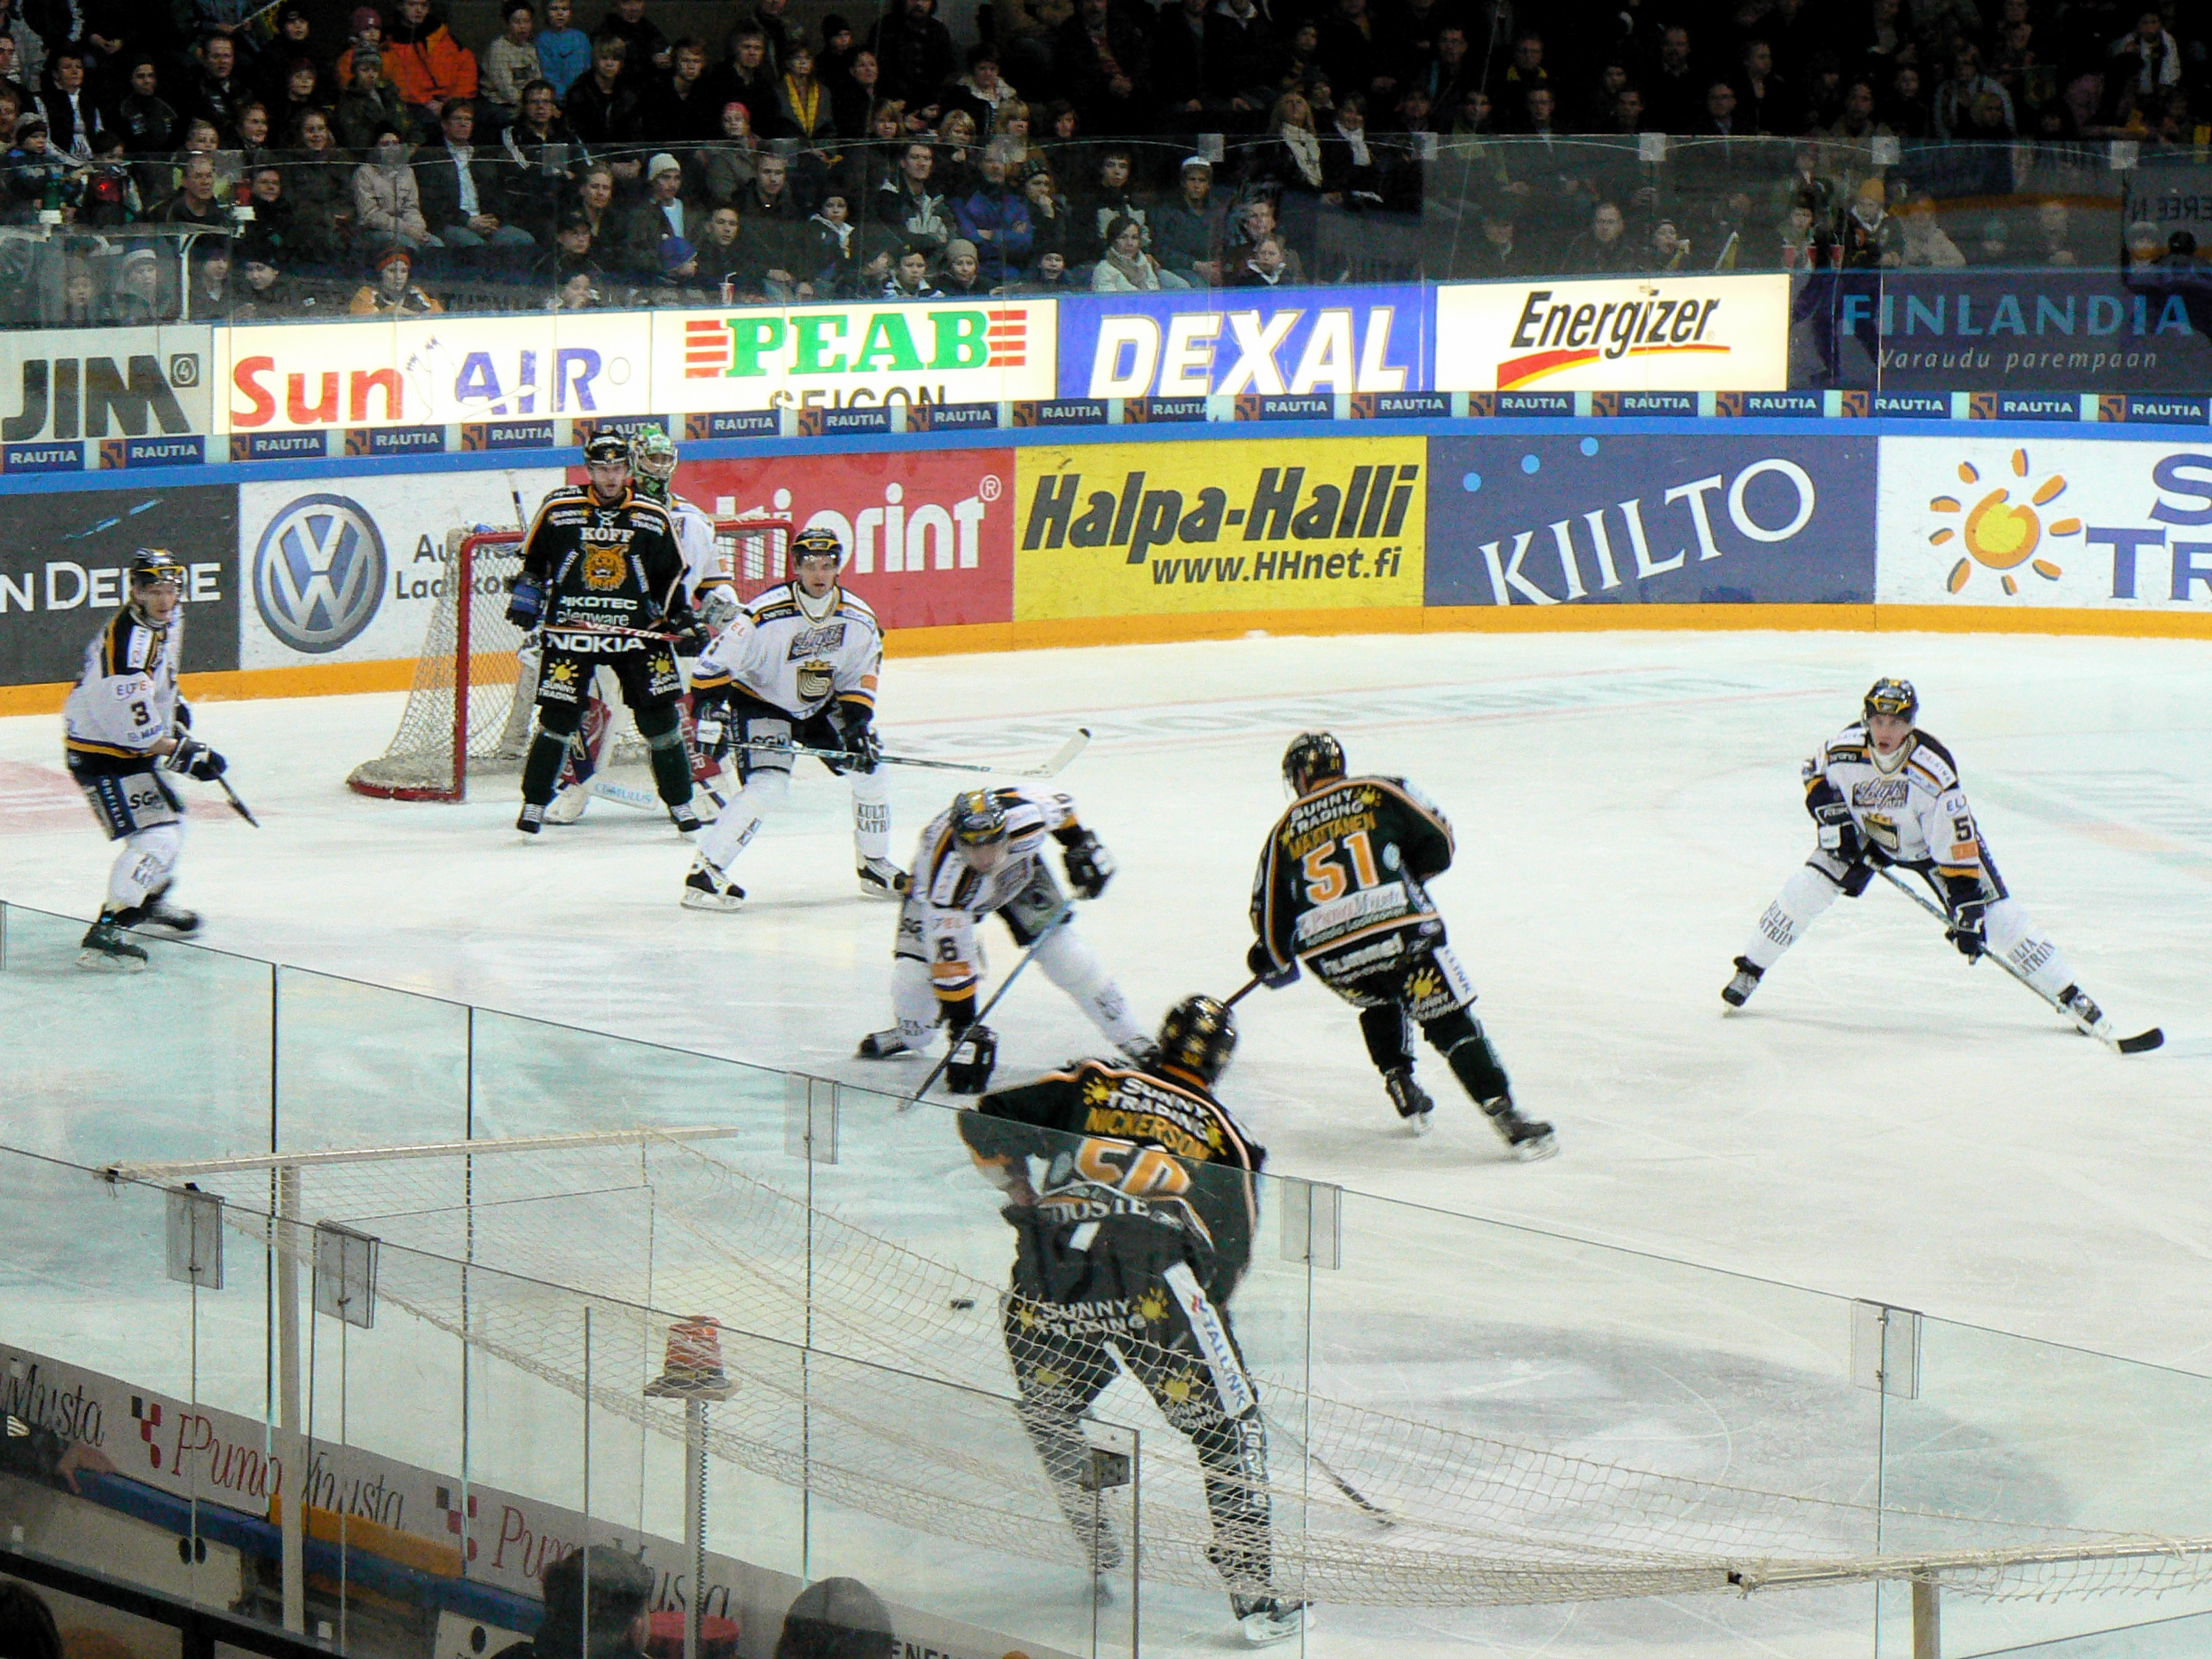 Depiction of Hockey sobre hielo